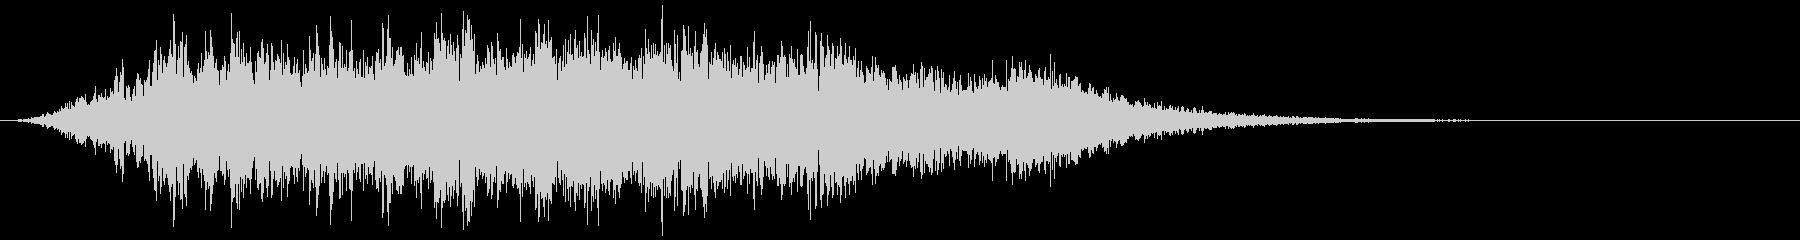 【ホラー】SFX_39 奇妙の未再生の波形